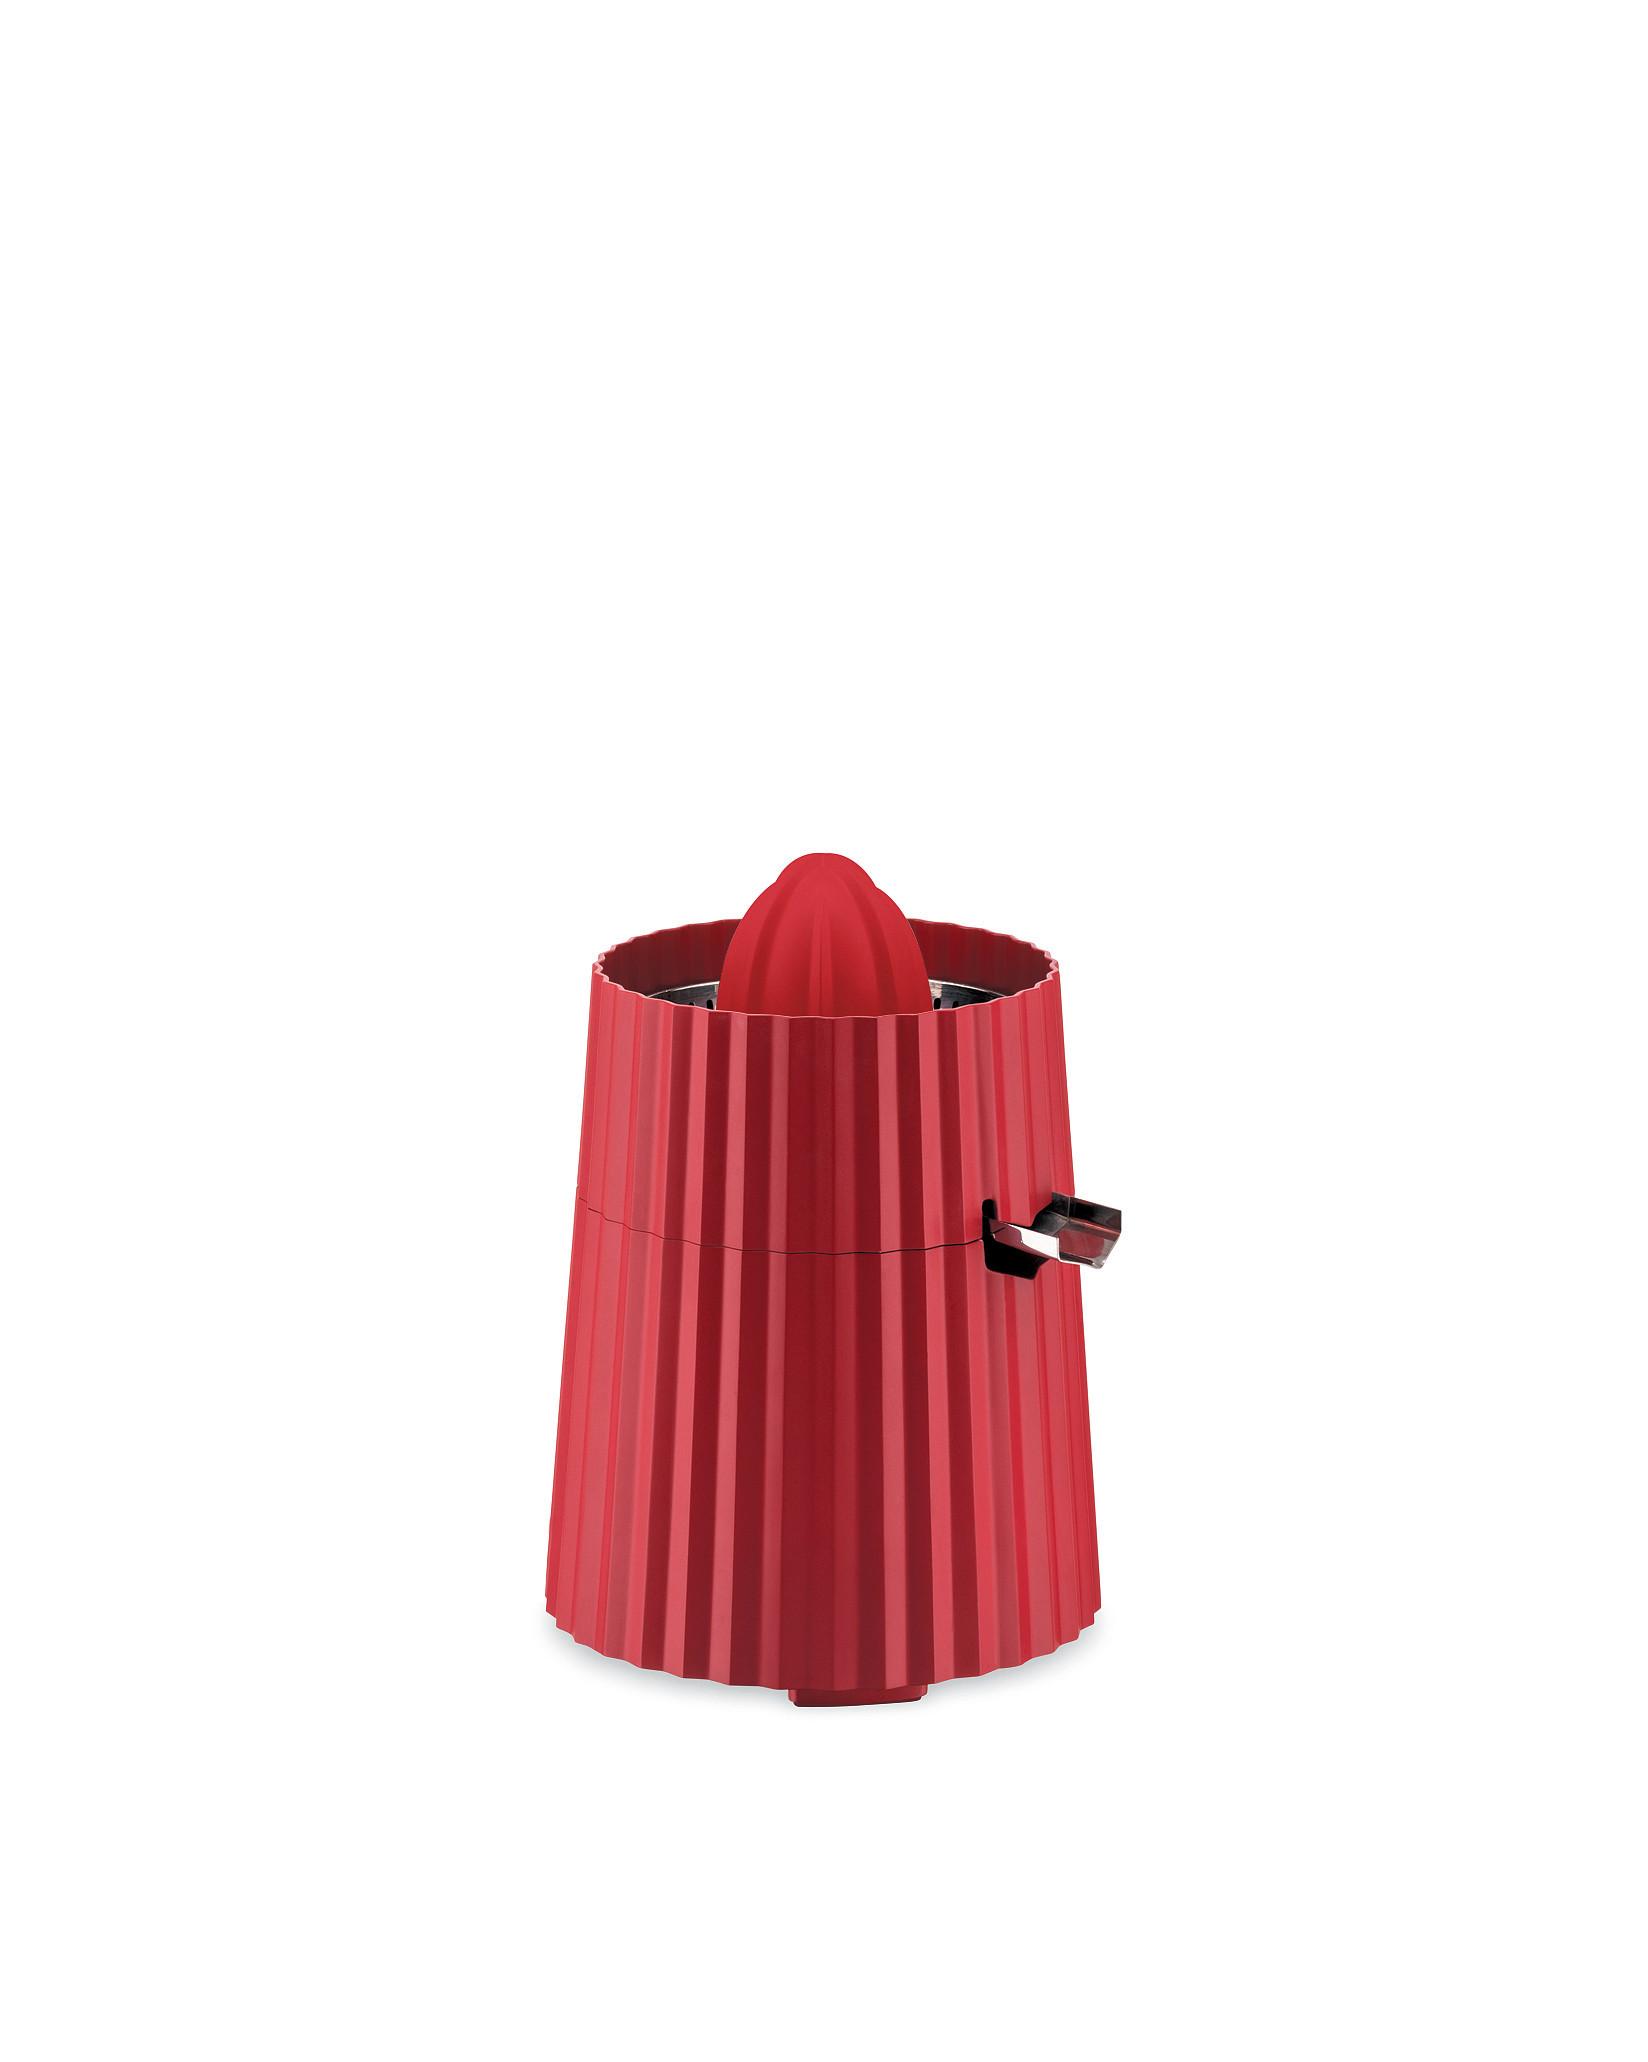 Elektrický odšťavňovač na citrusy Plisse, červený, prům. 18.5 cm - Alessi